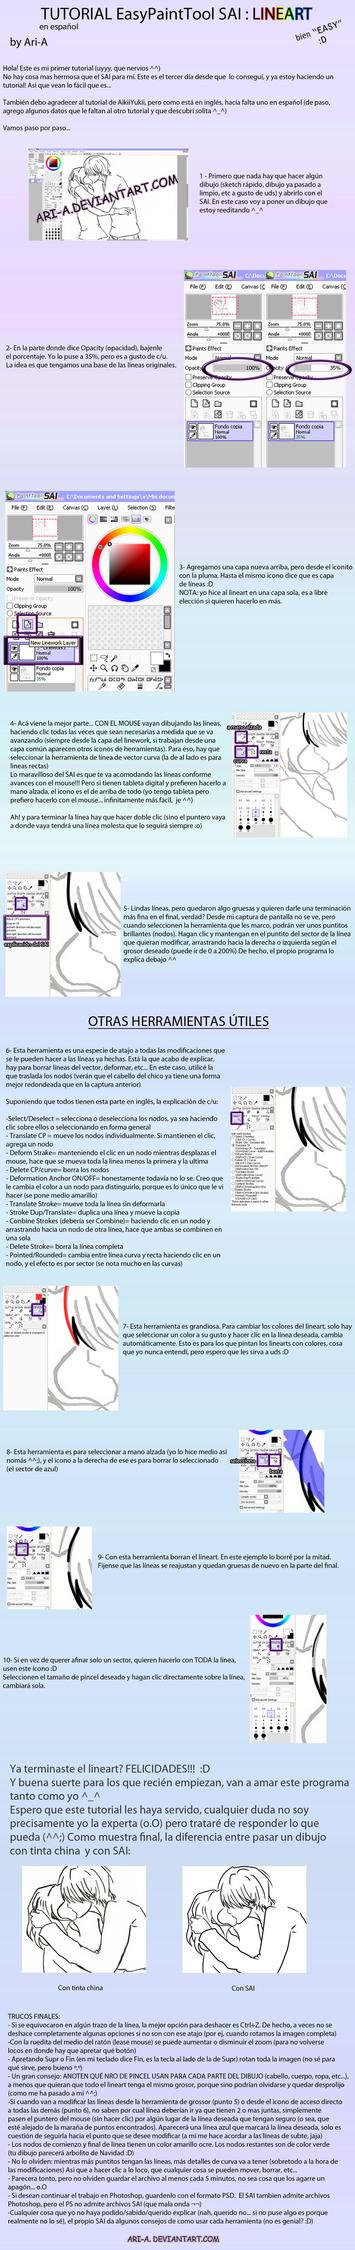 TUTORIAL LINEART SAI - spanish by Ari-A